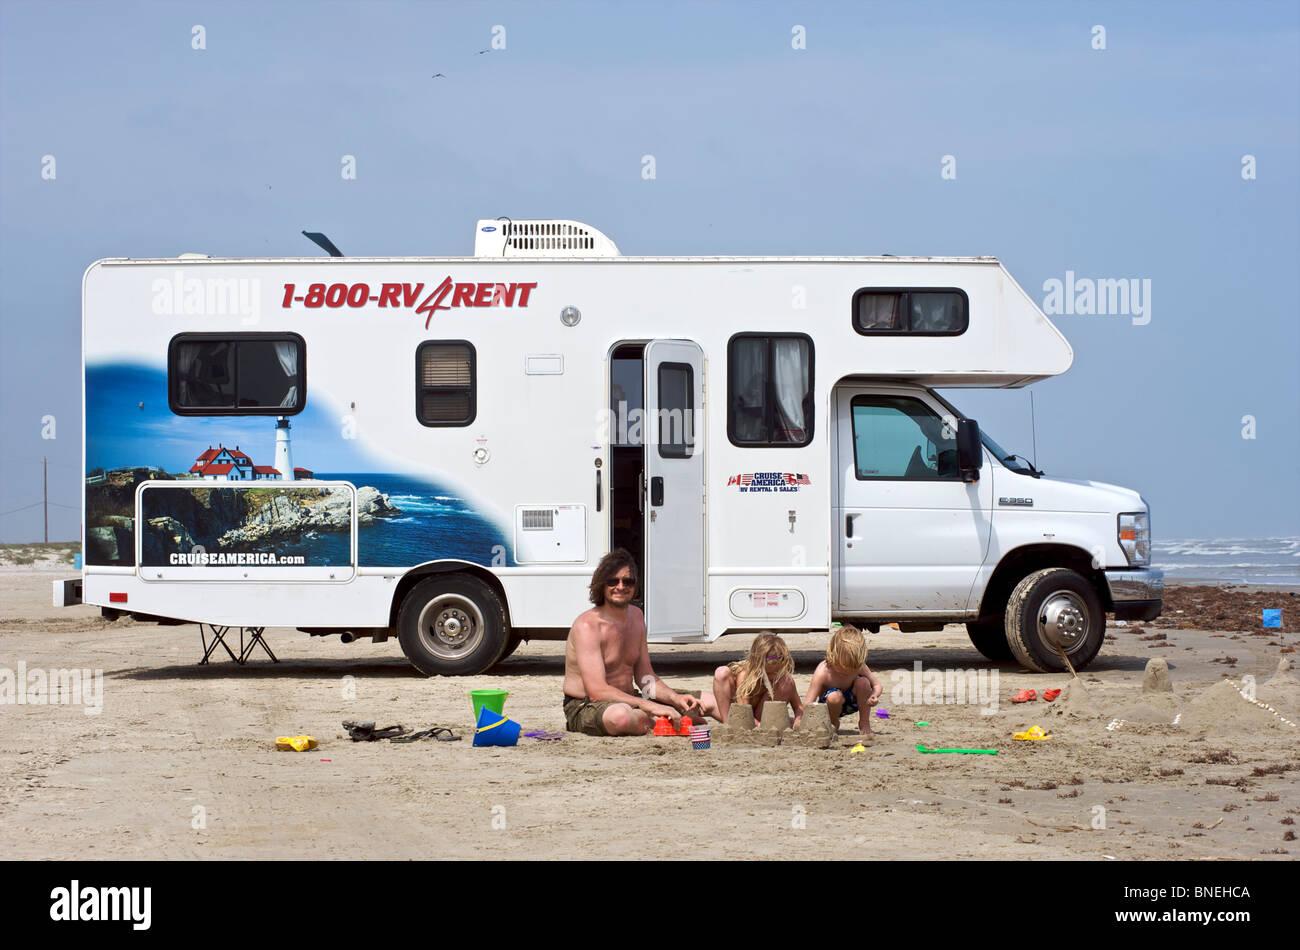 Famille avec une location de camping-campervan RV sur une plage, Galveston Texas, USA Banque D'Images